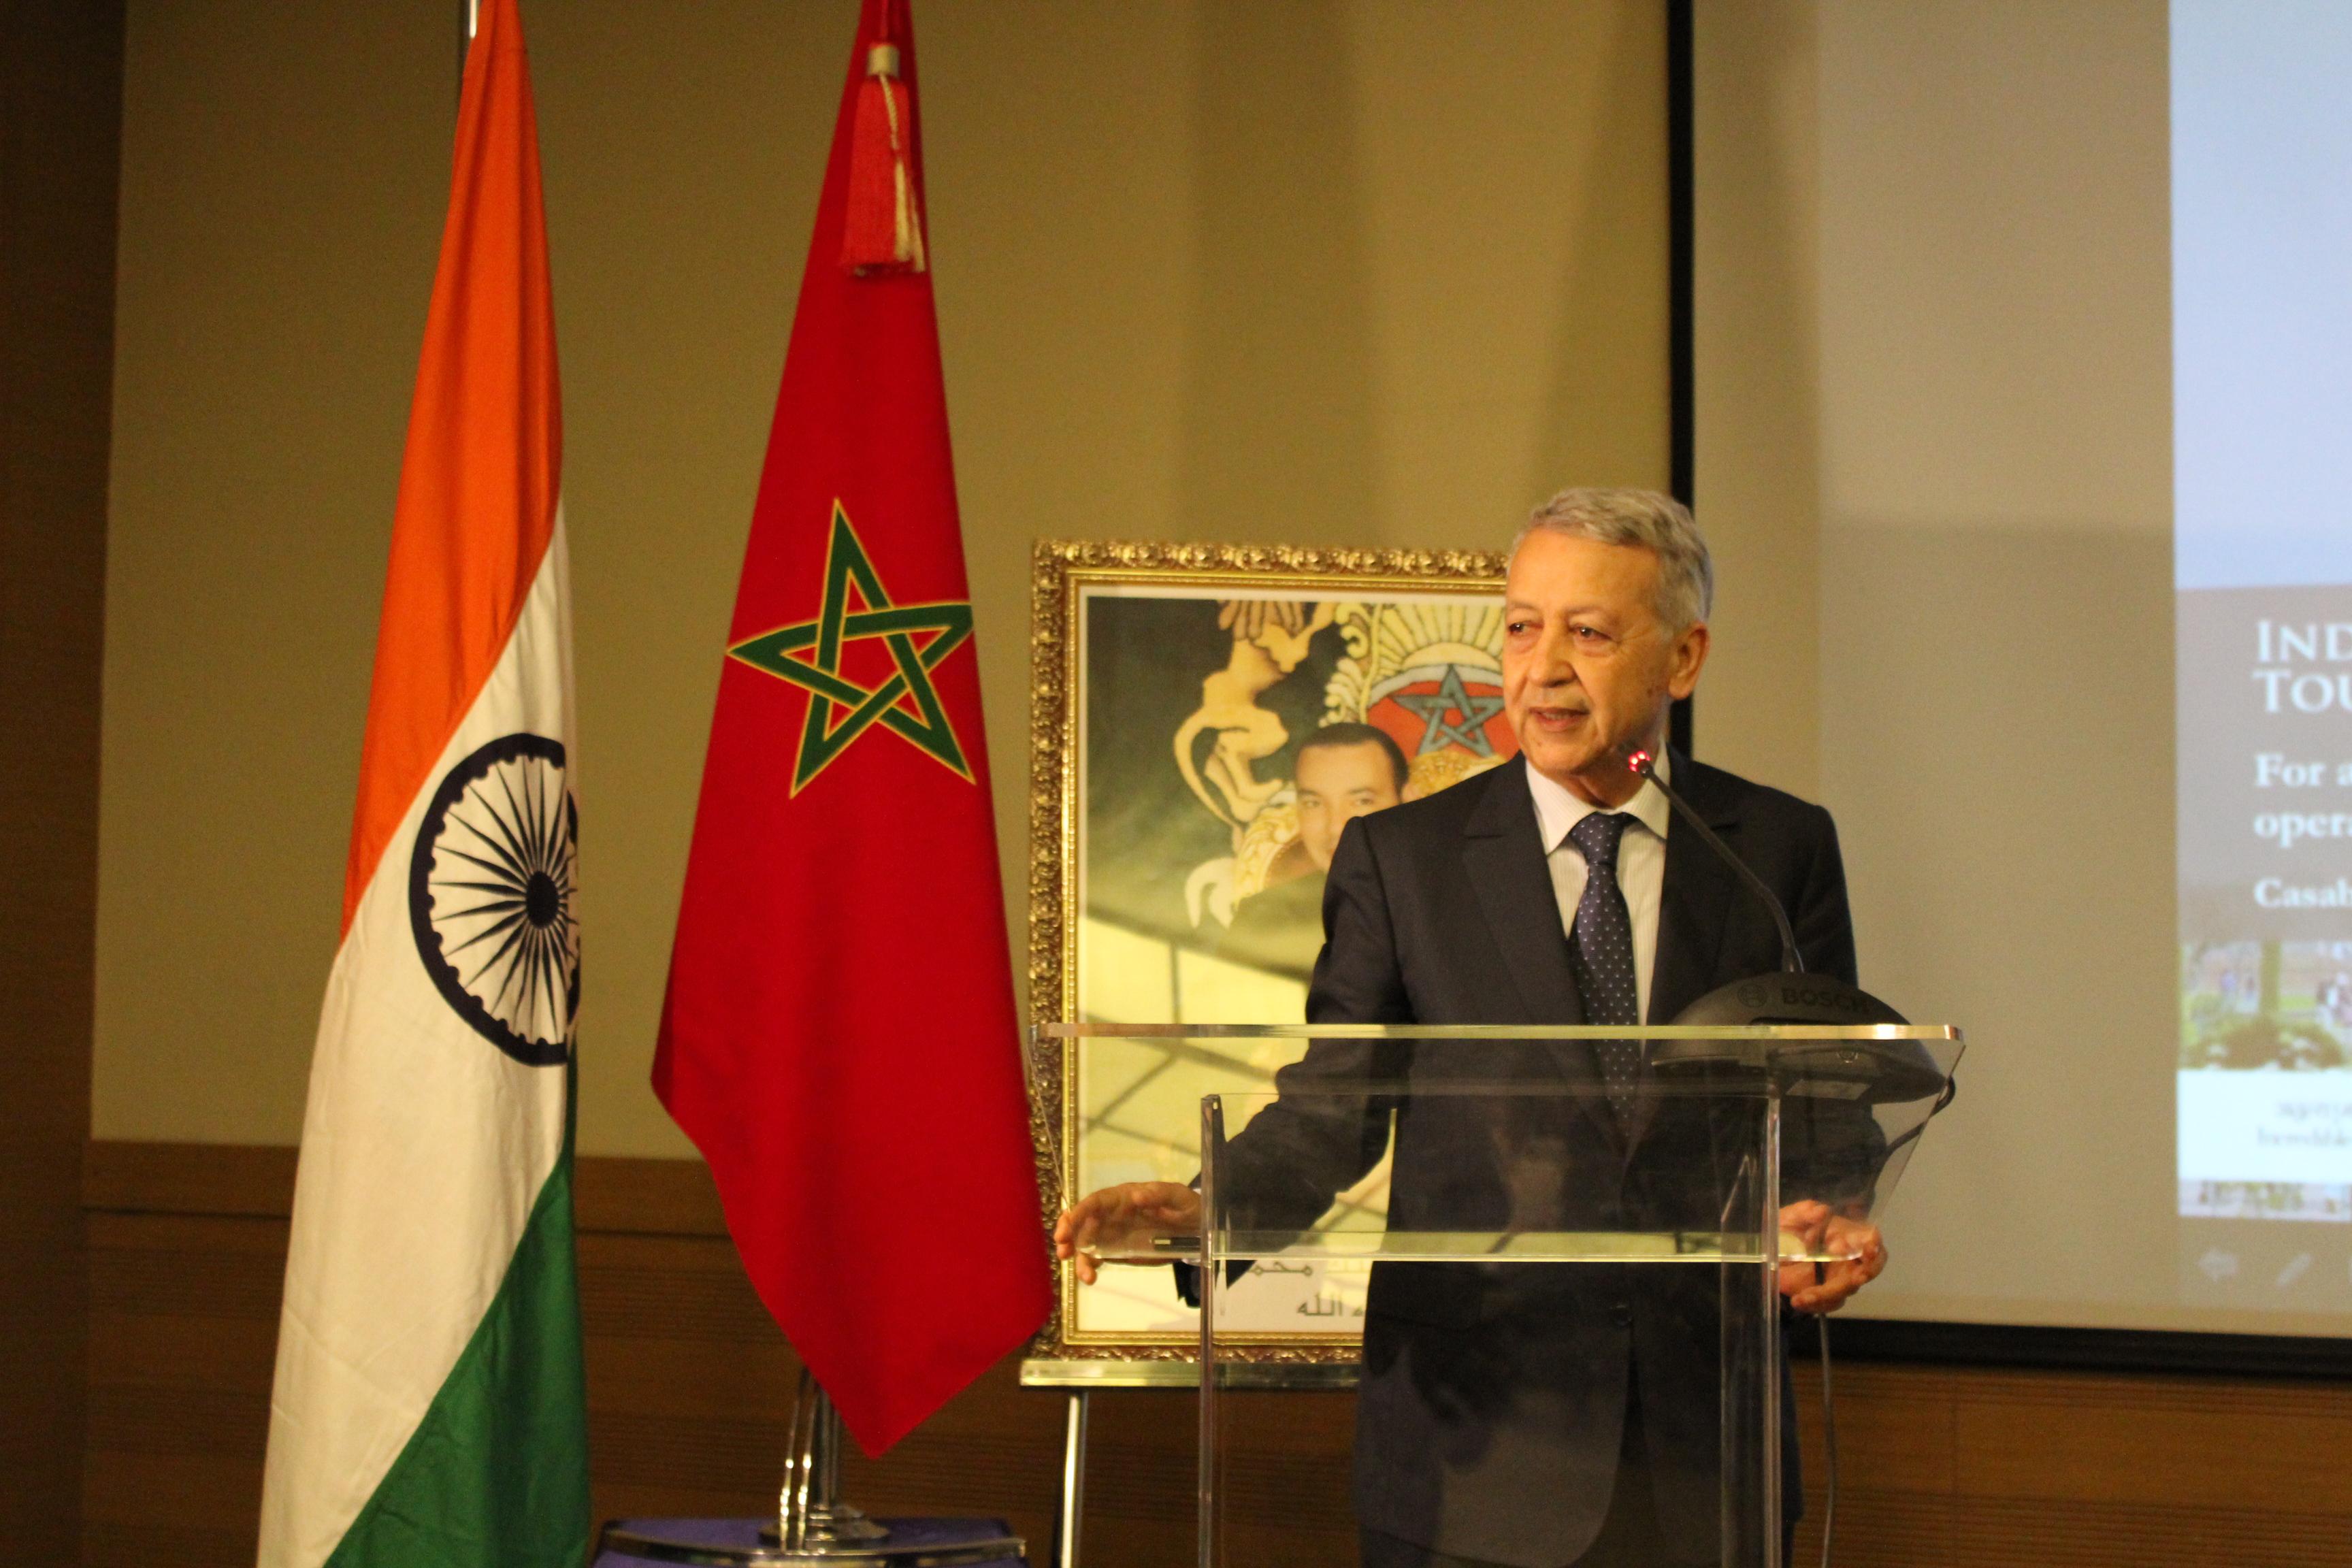 ساجد يستعرض أهمية المنتدى المغربي الهندي للتعاون السياحي في نسخته الأولى